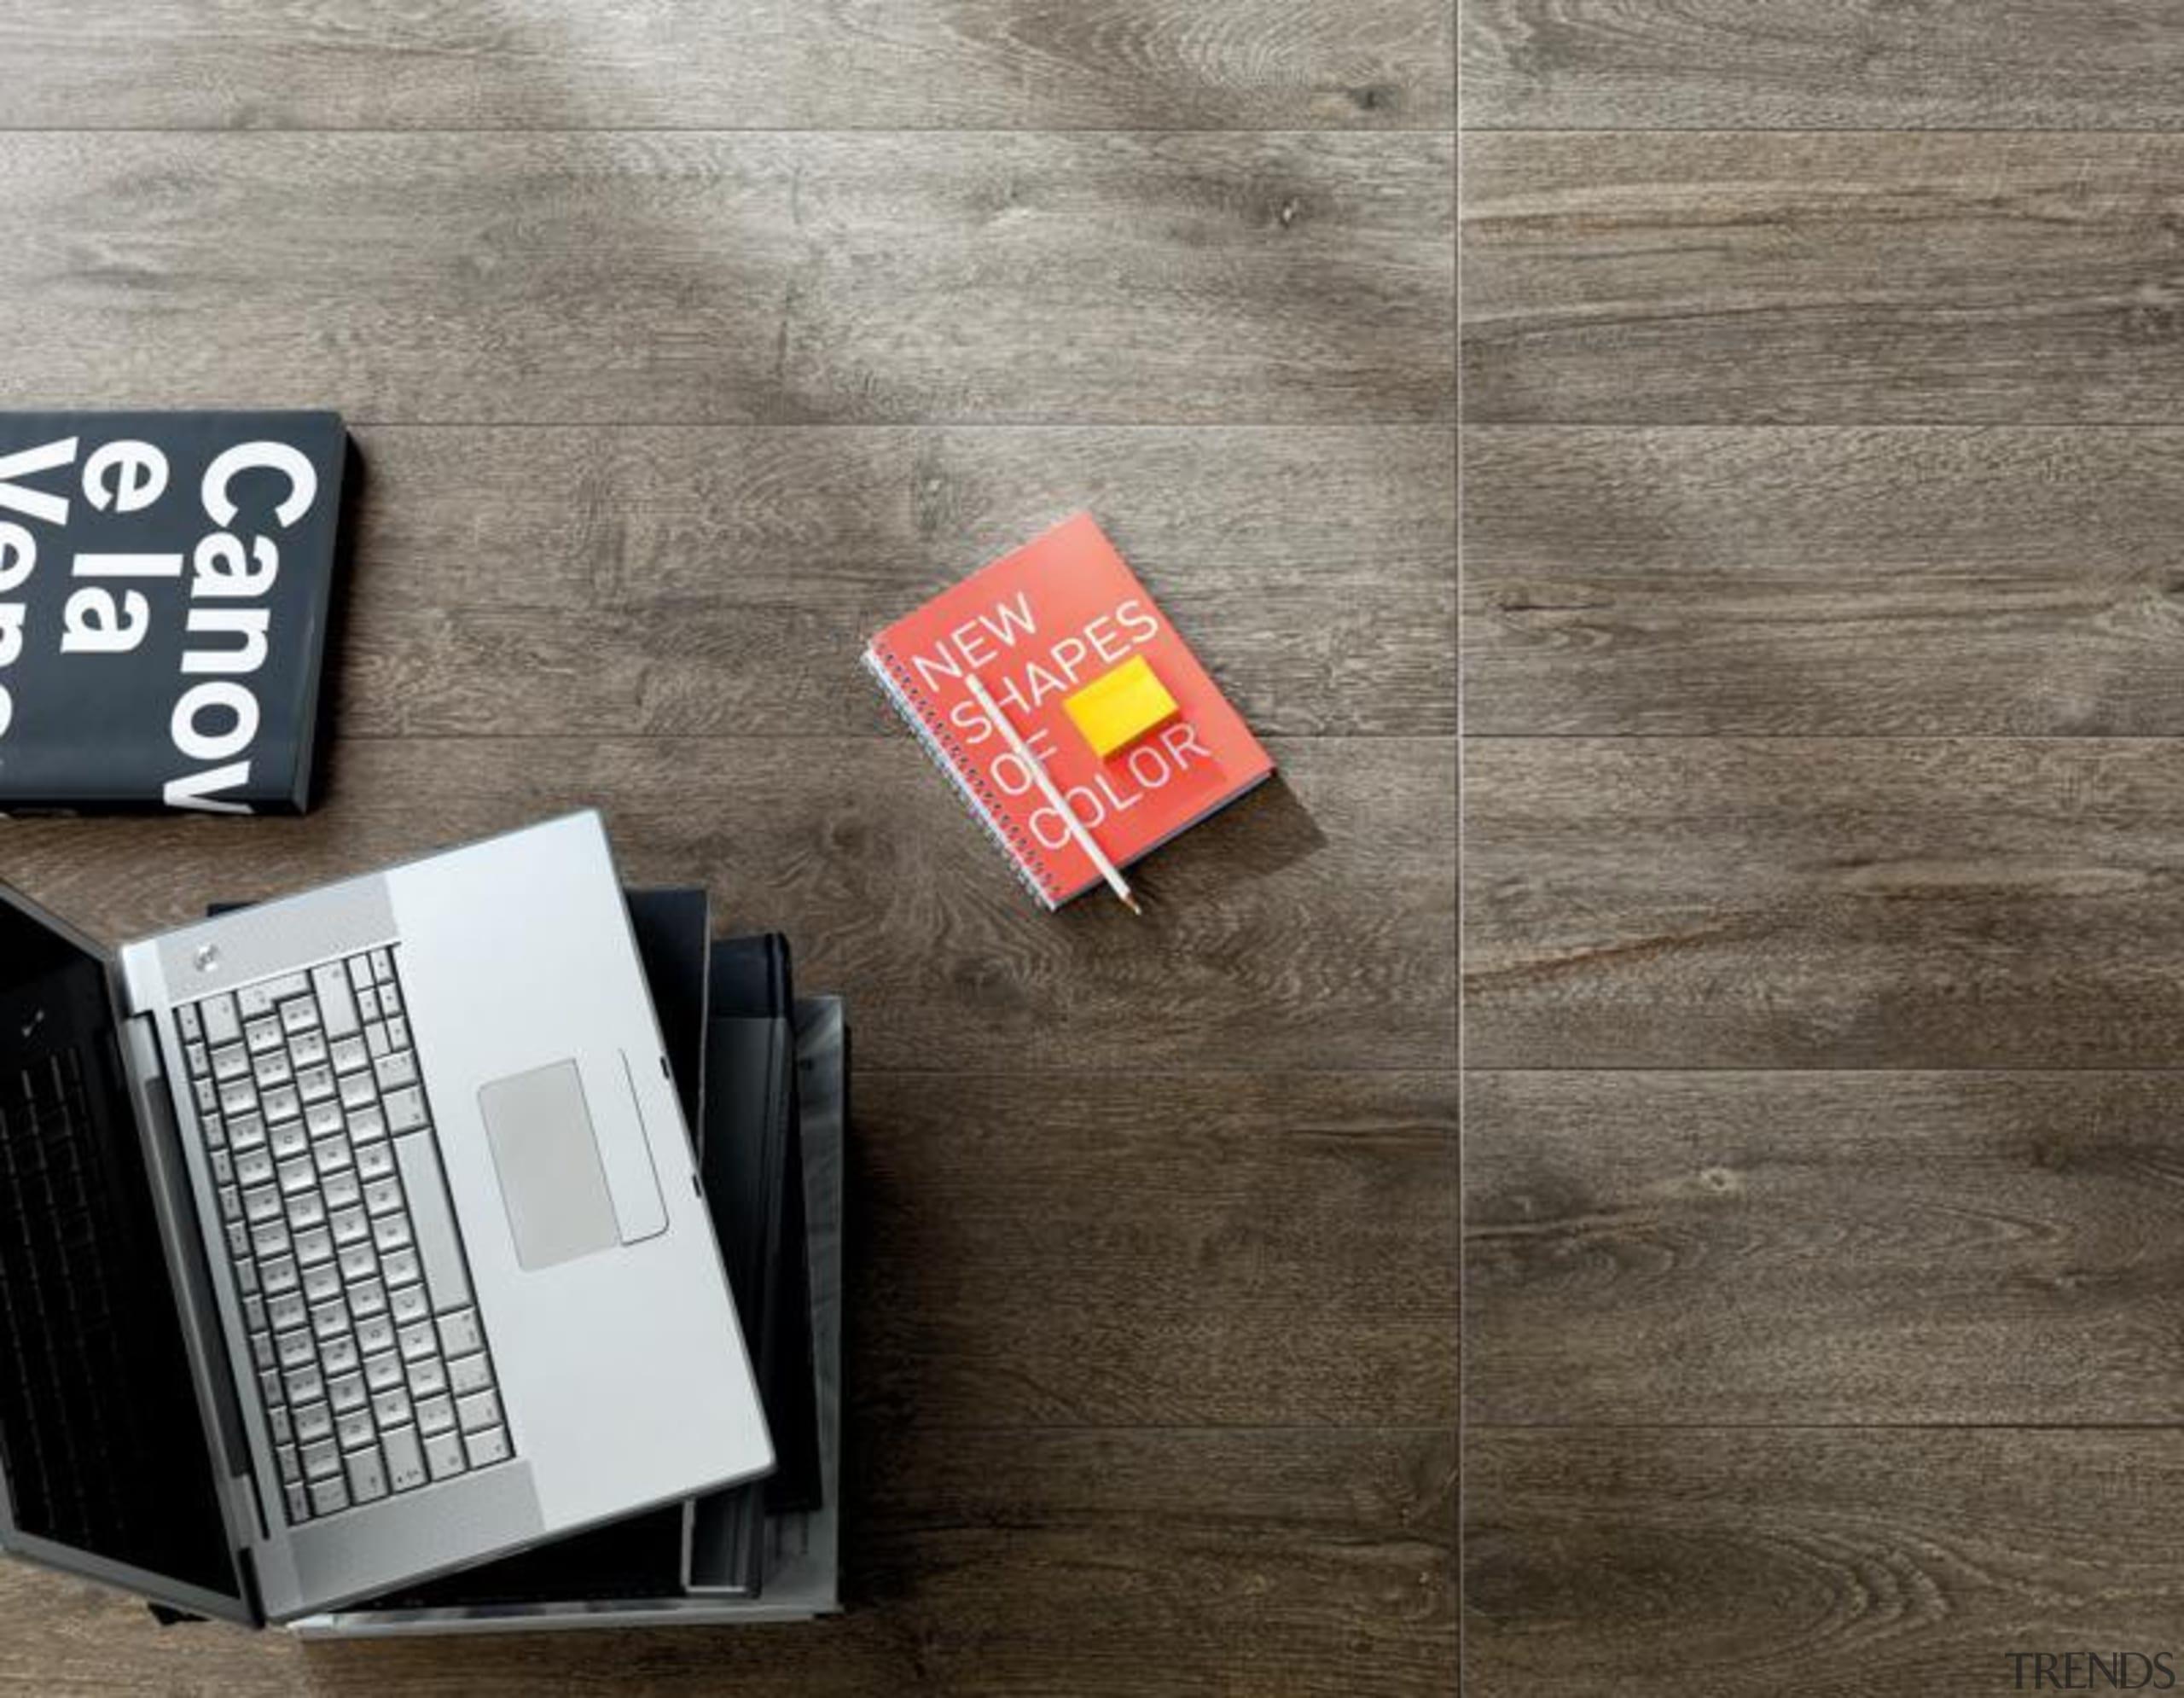 Bioplank fume interior wood look floor tiles. - floor, flooring, font, product design, gray